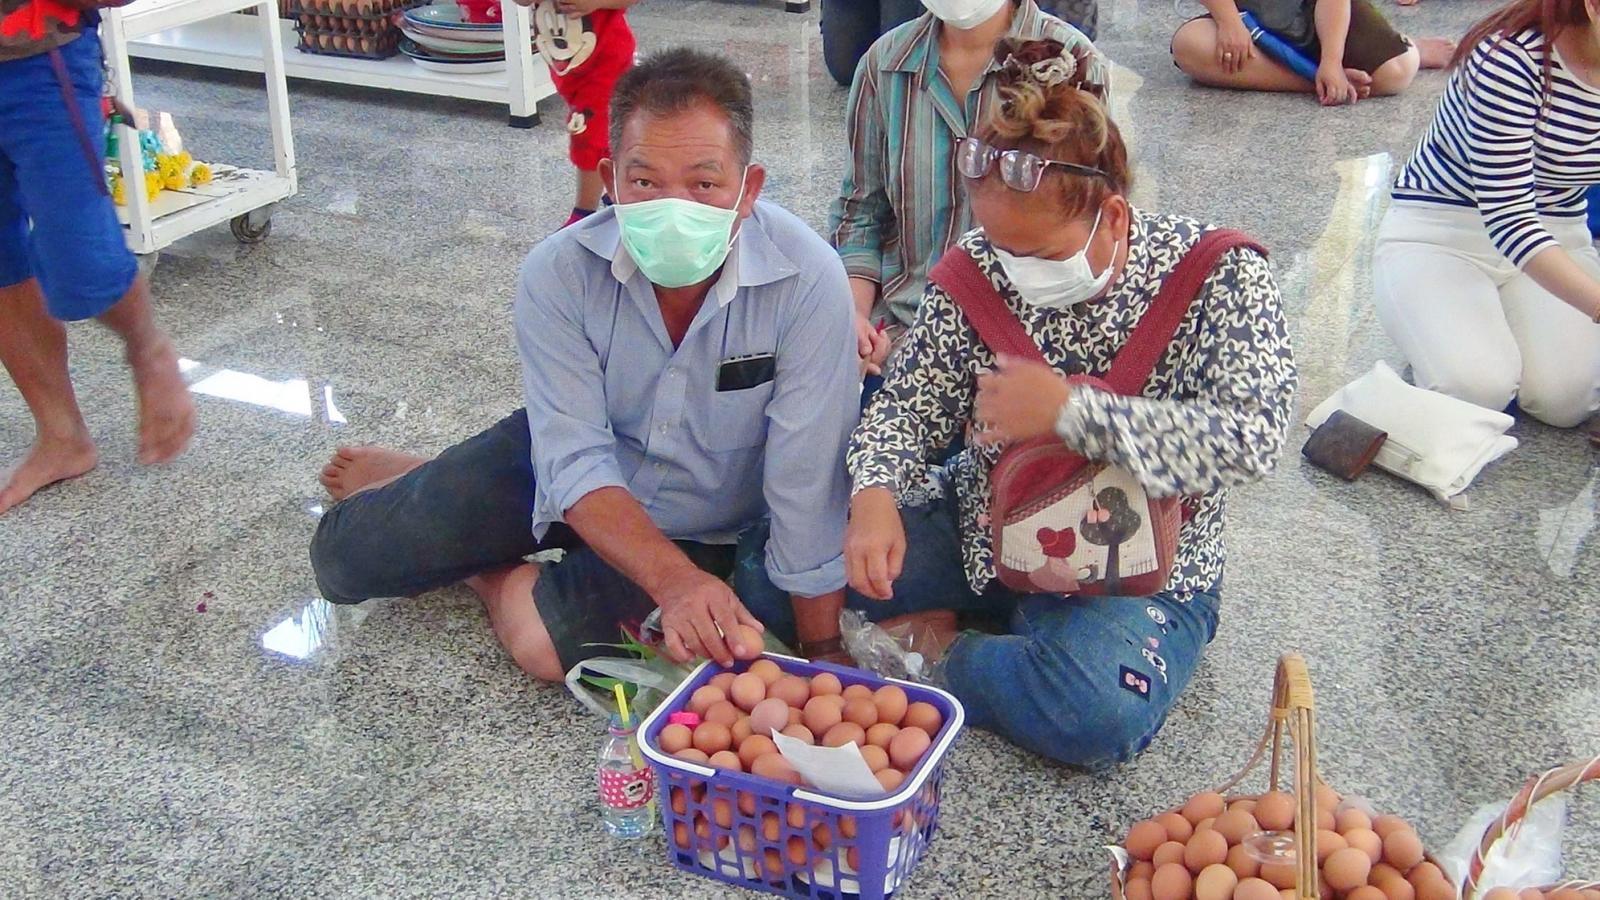 ดราม่าวัดดัง เอาไข่ไก่ 200,000 ฟองไปขาย หลังชาวจีนนำมาทำบุญ